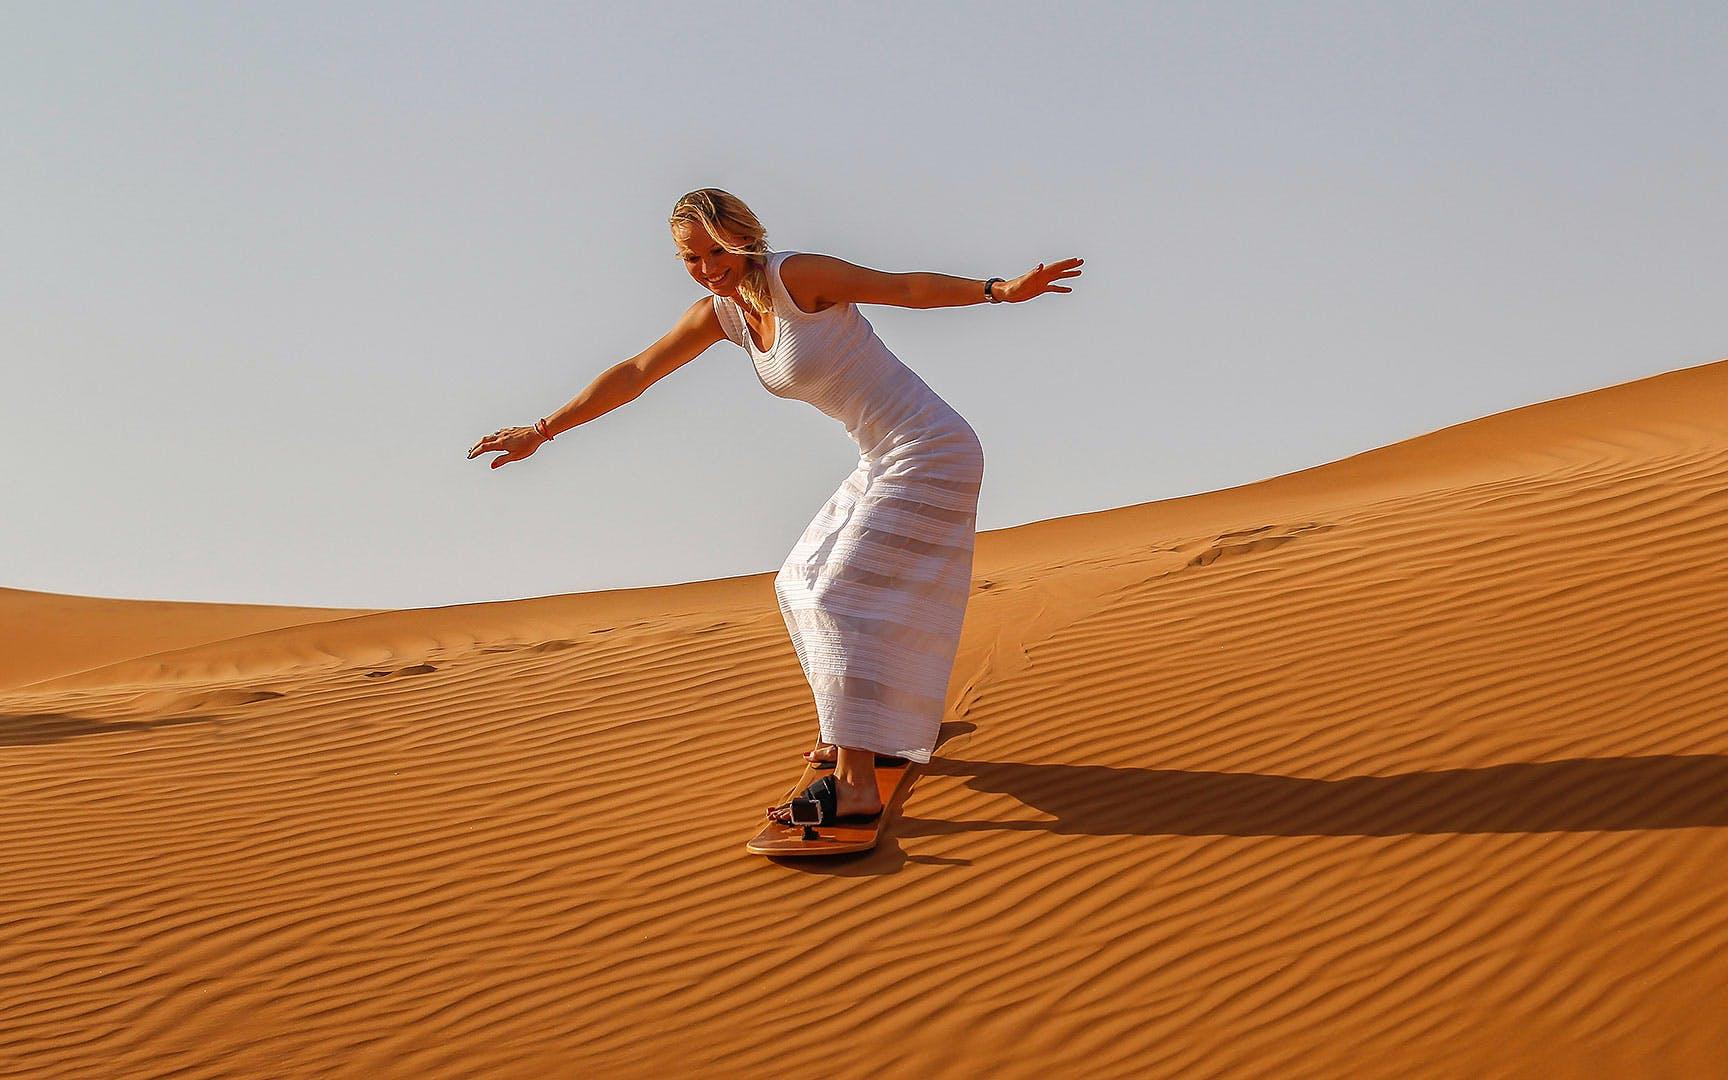 adventure desert safaris sand boarding